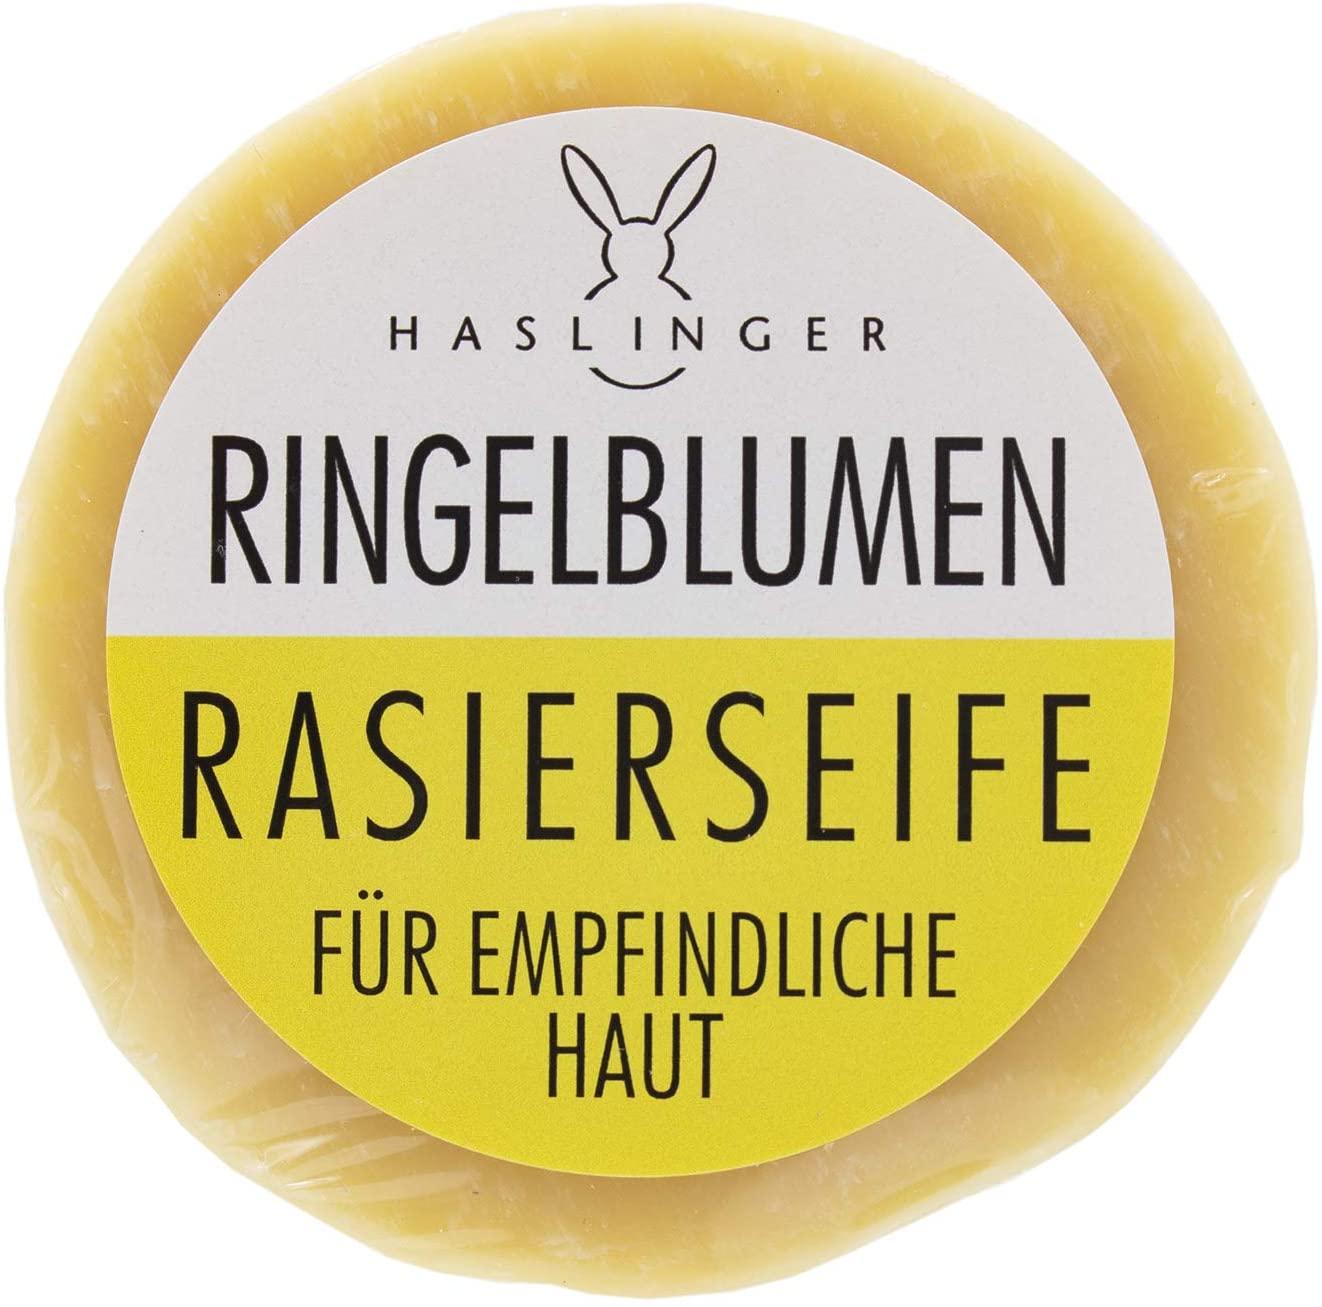 HASLINGER Ringelblumen Rasierseife, 60 g Hergestellt in Österreich 1802